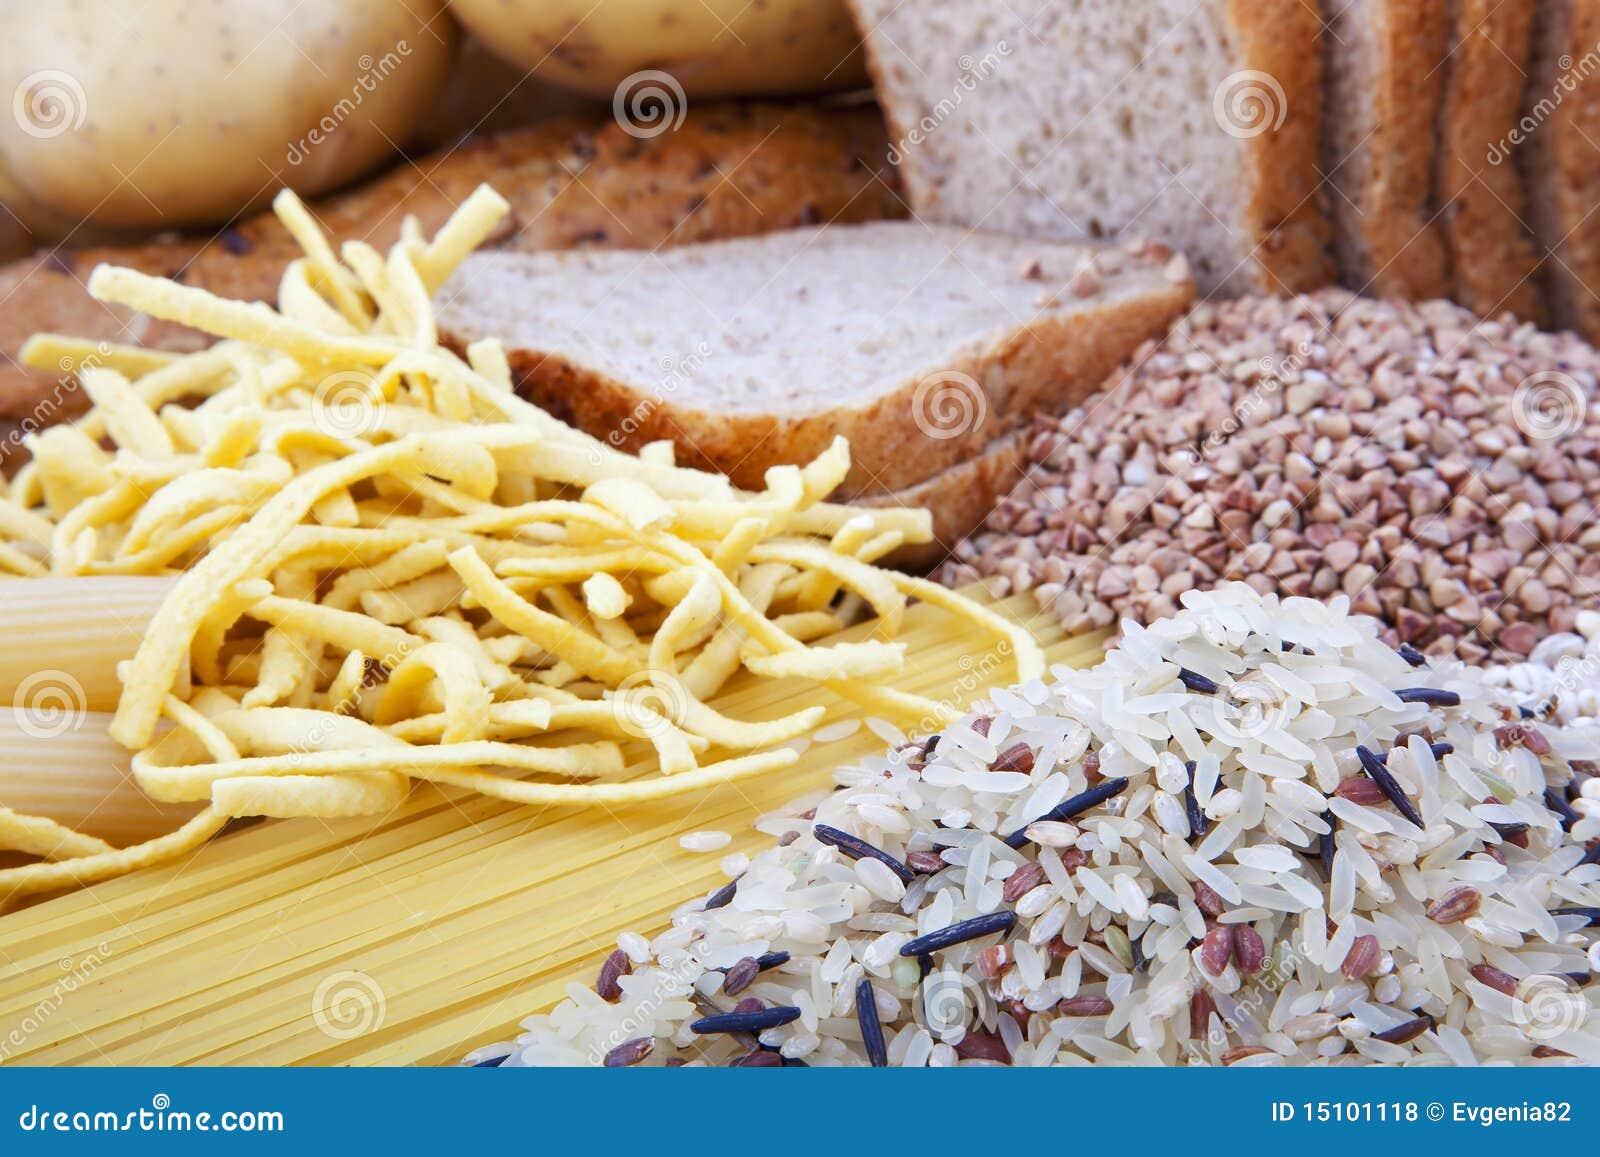 Priorità bassa di prodotti del carboidrato